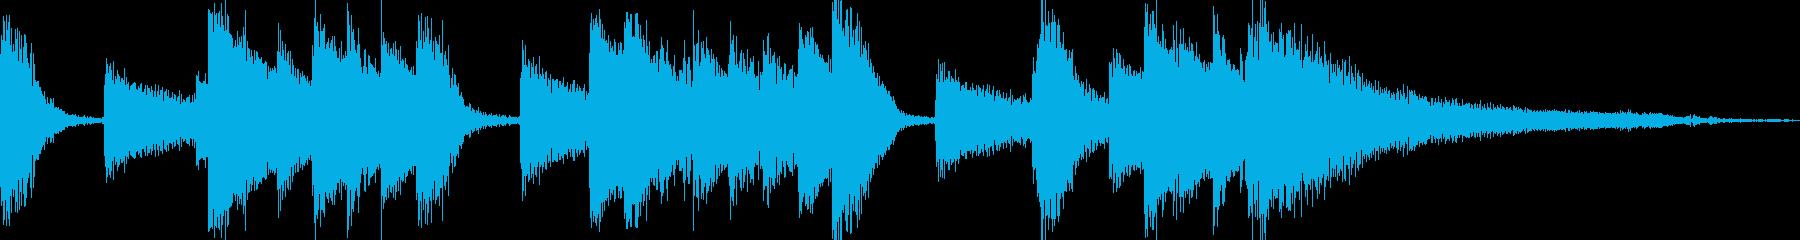 ラジオに合うお洒落なピアノ8秒ジングルの再生済みの波形